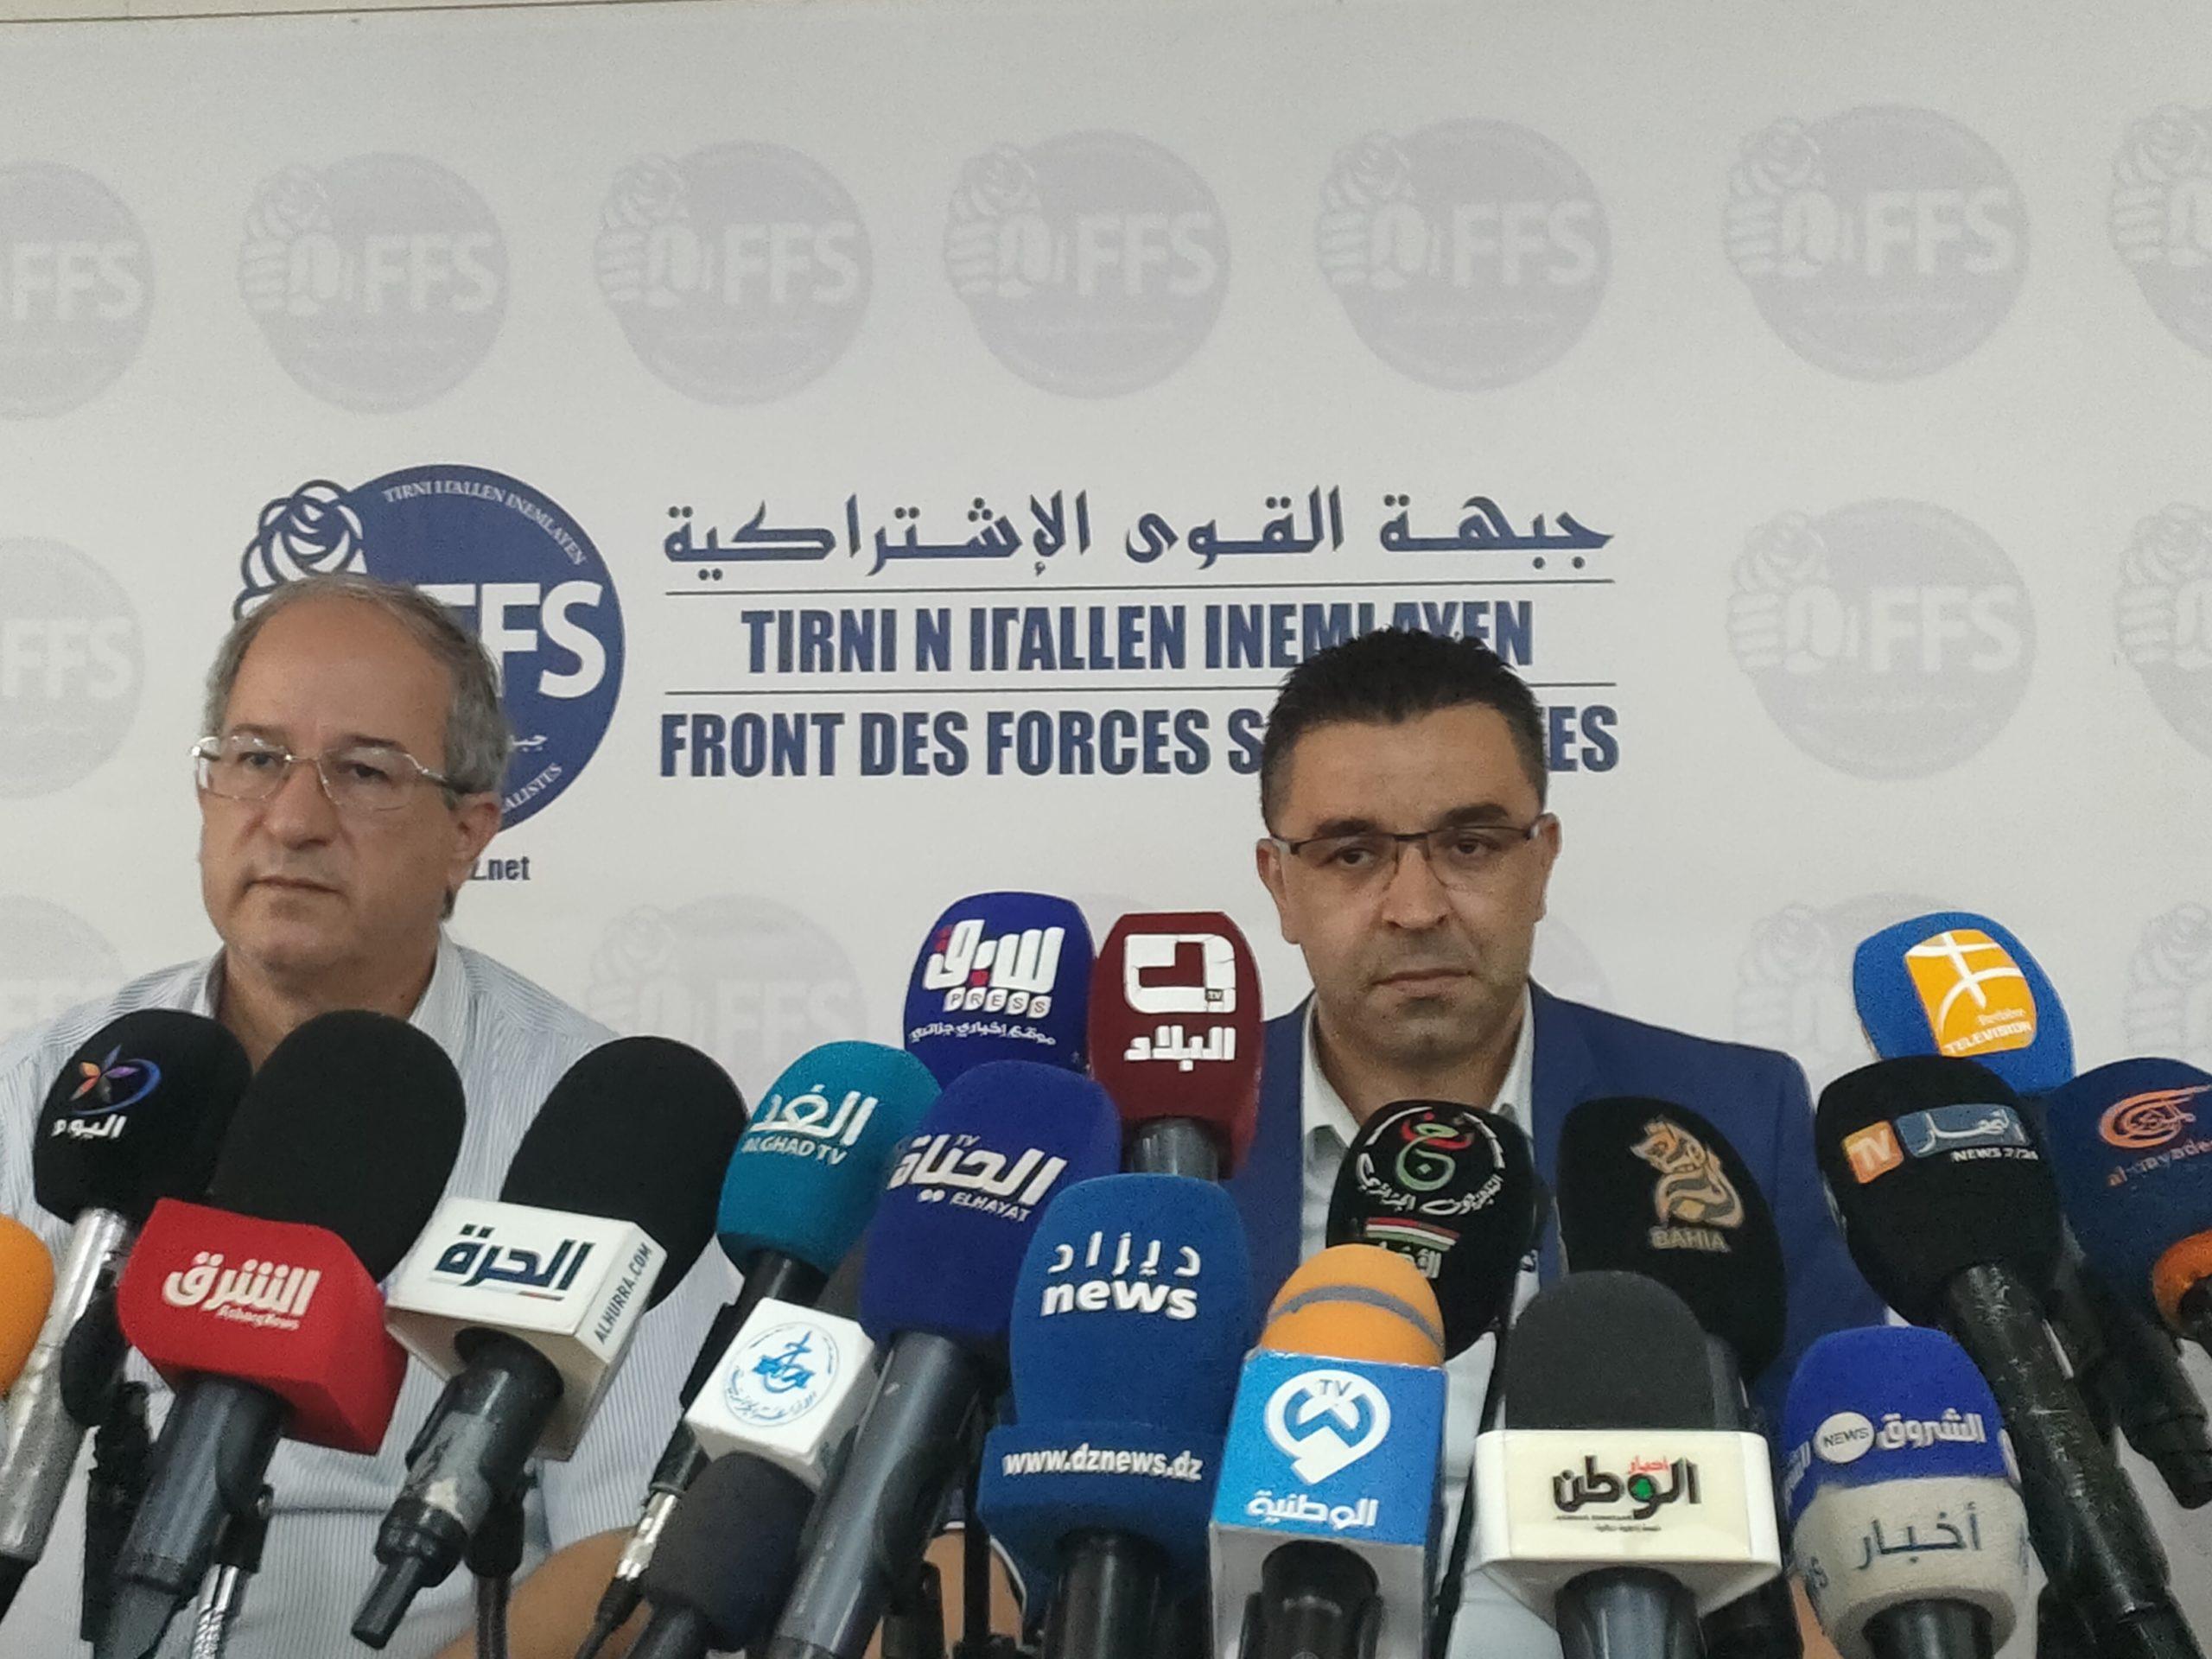 © INTERLIGNES | Le Premier secrétaire du FFS Youcef Aouchiche et le membre de l'instance présidentielle Hakim Belahcel